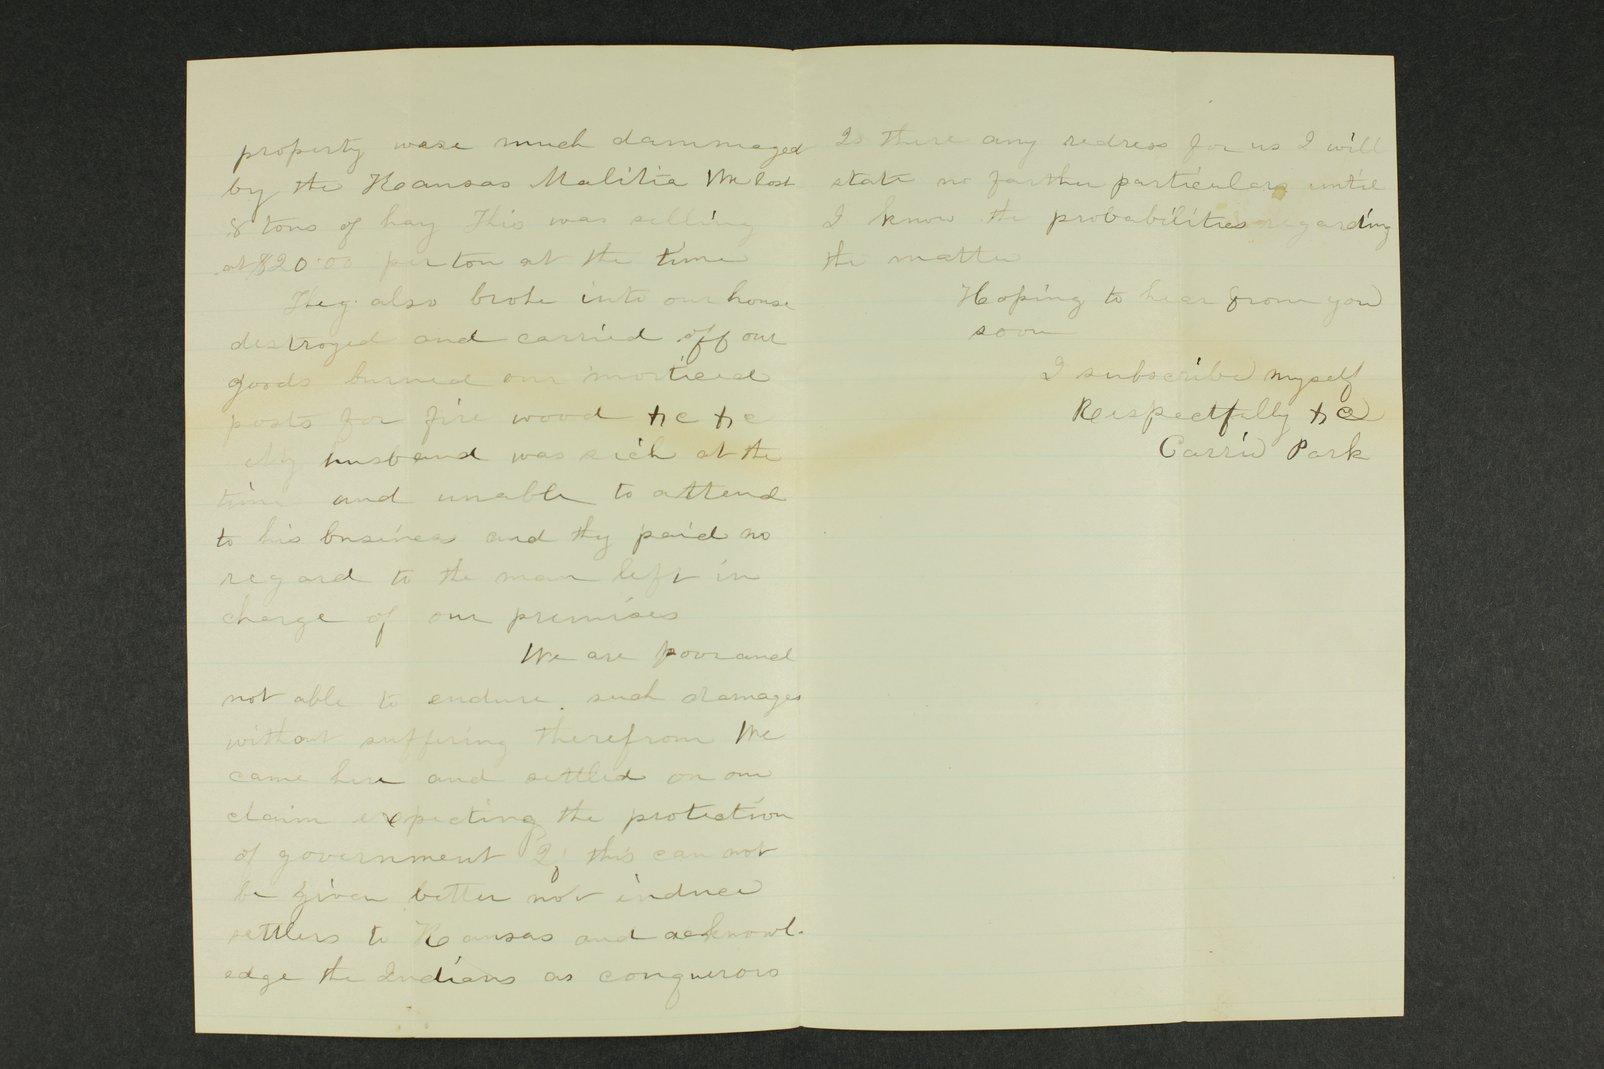 Kansas Adjutant General general correspondence, 1870 - 4